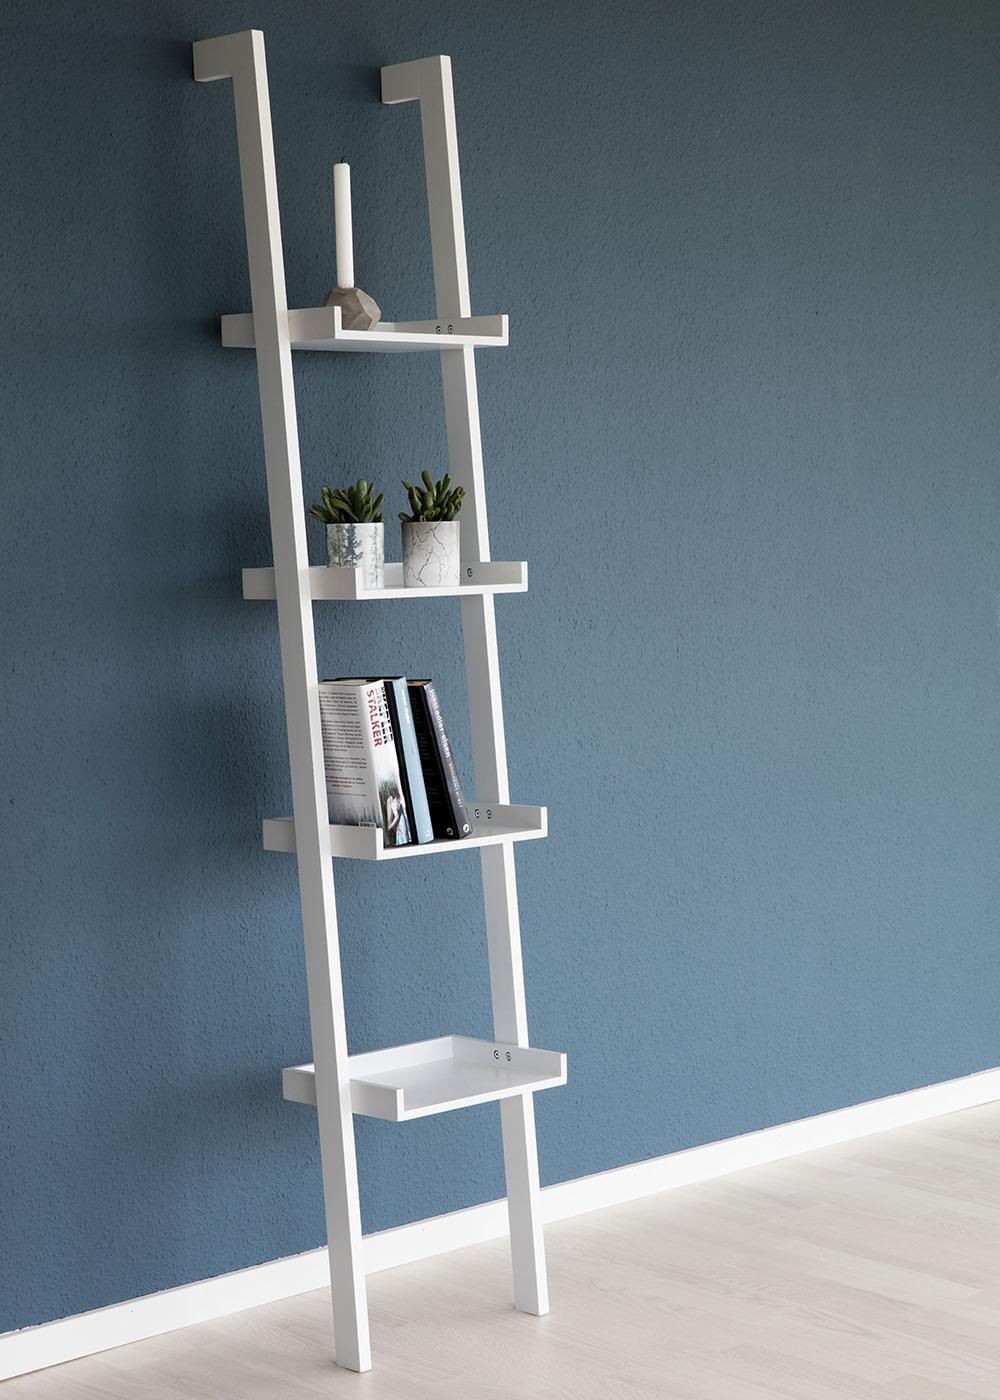 Nástěnný regál / knihovna Flake 37 cm, bílá